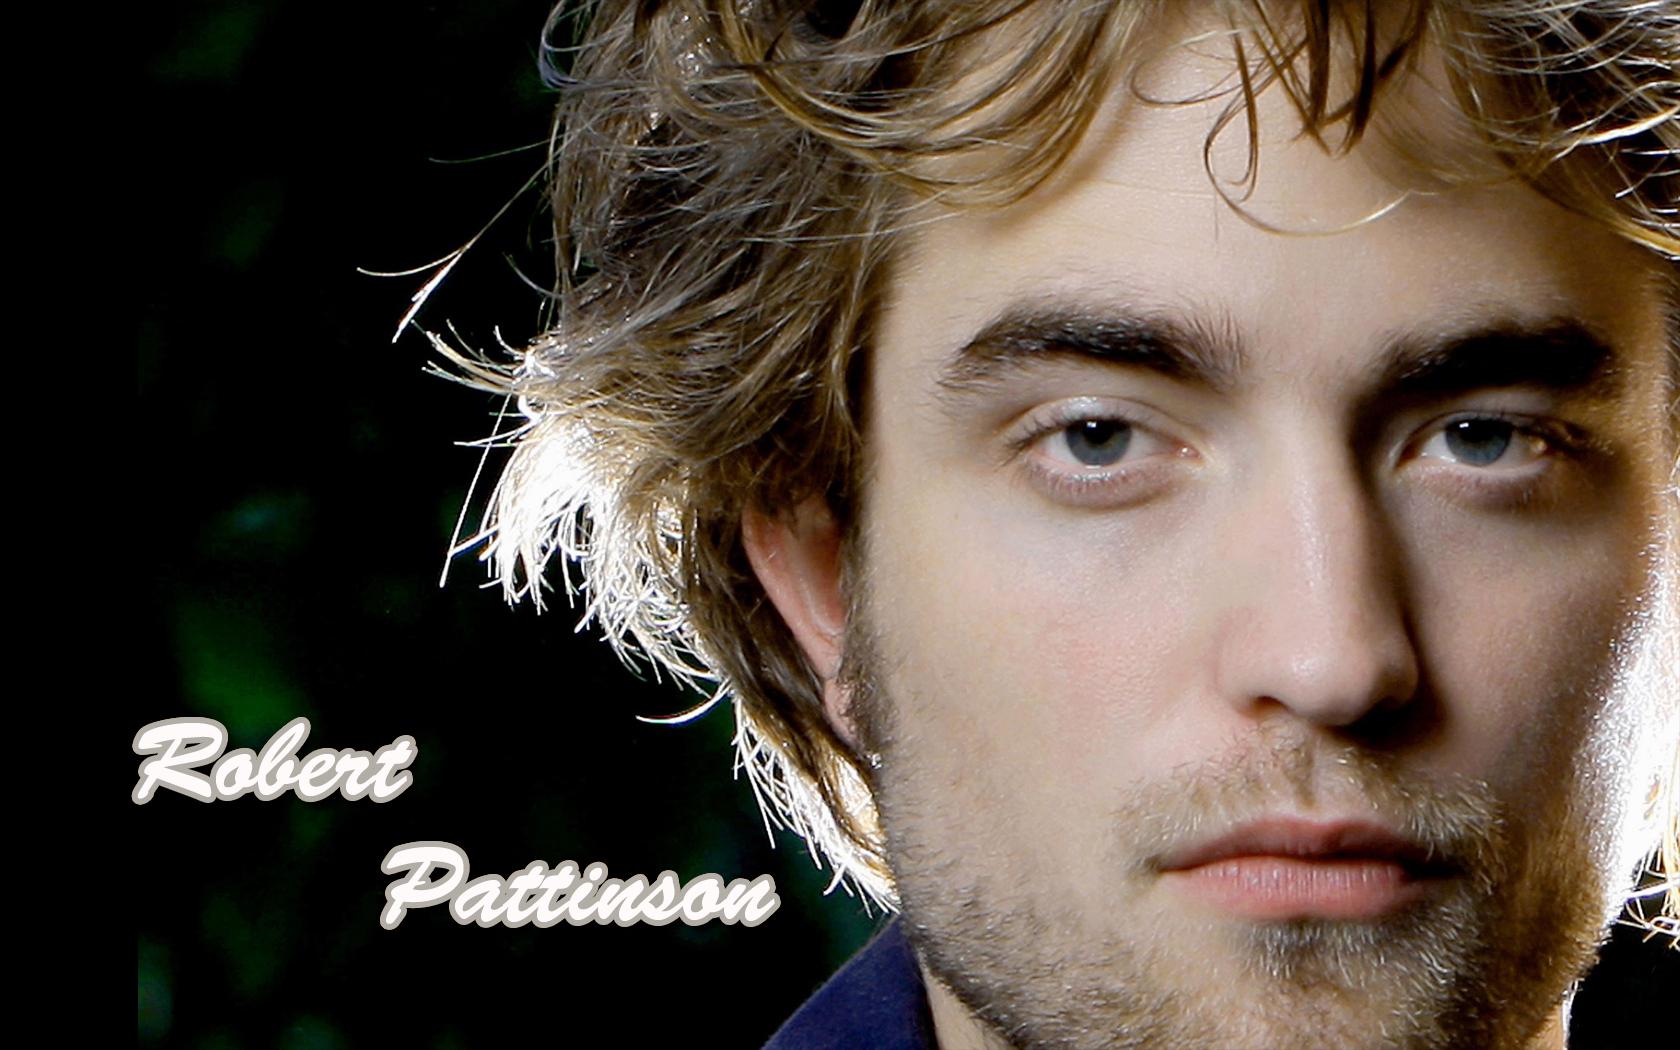 ROBERT PATTINSON - Twilight Series